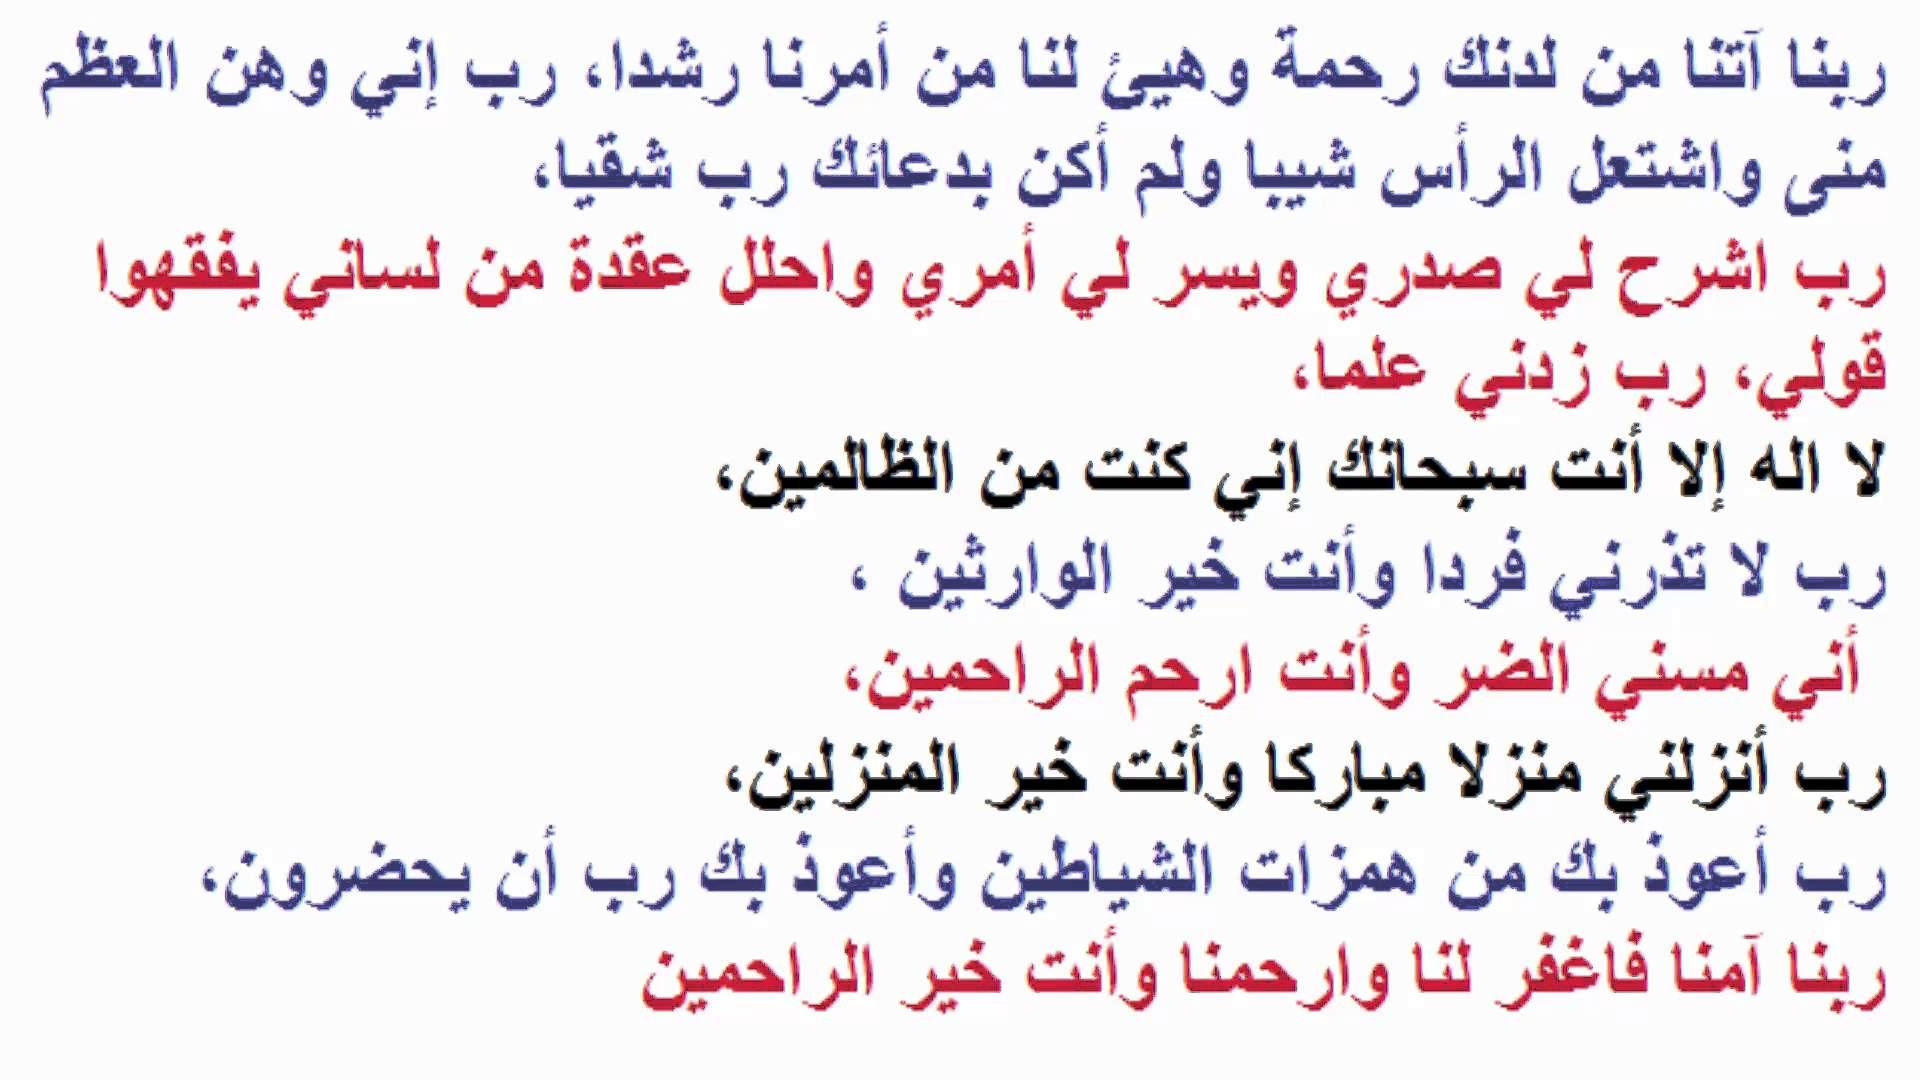 الدعاء من القران الكريم مرتب حسب ماورد في القران الكريم مكتوب Me Quotes Quotes Arabic Calligraphy